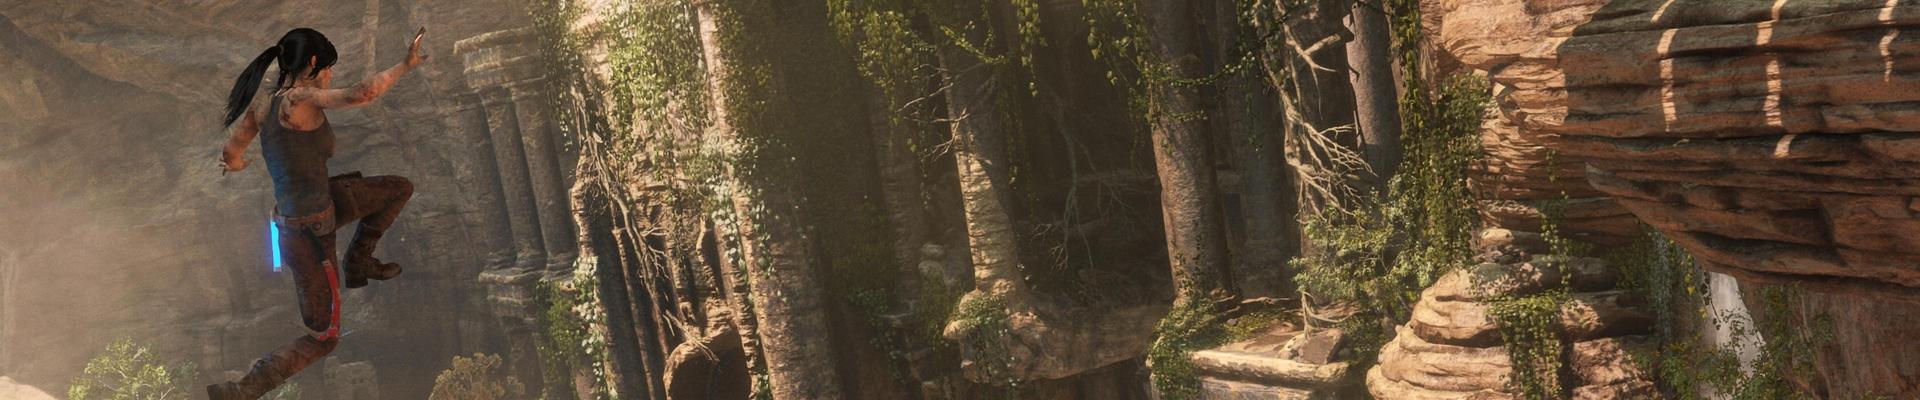 Image de l'article Rise of the Tomb Raider à la Gamescom 2015